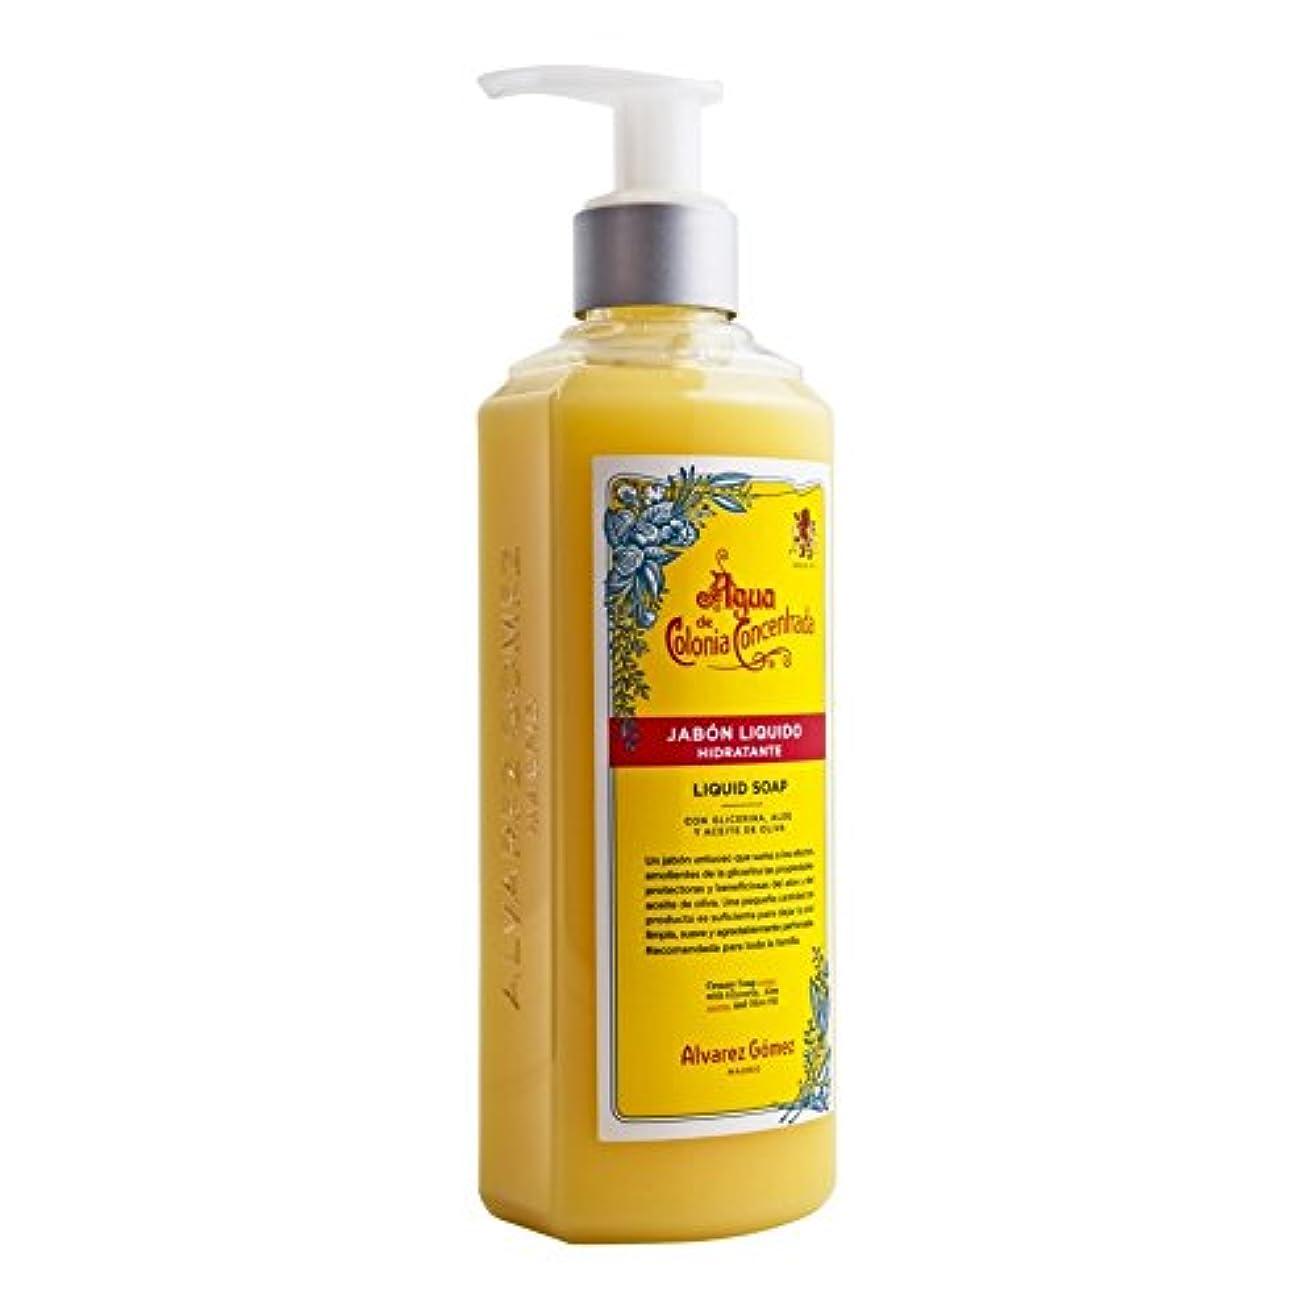 田舎者蘇生する災難?lvarez G?mez Agua de Colonia Concentrada Liquid Soap 300ml - アルバレスゴメスアグアデコロニ液体石鹸300ミリリットル [並行輸入品]